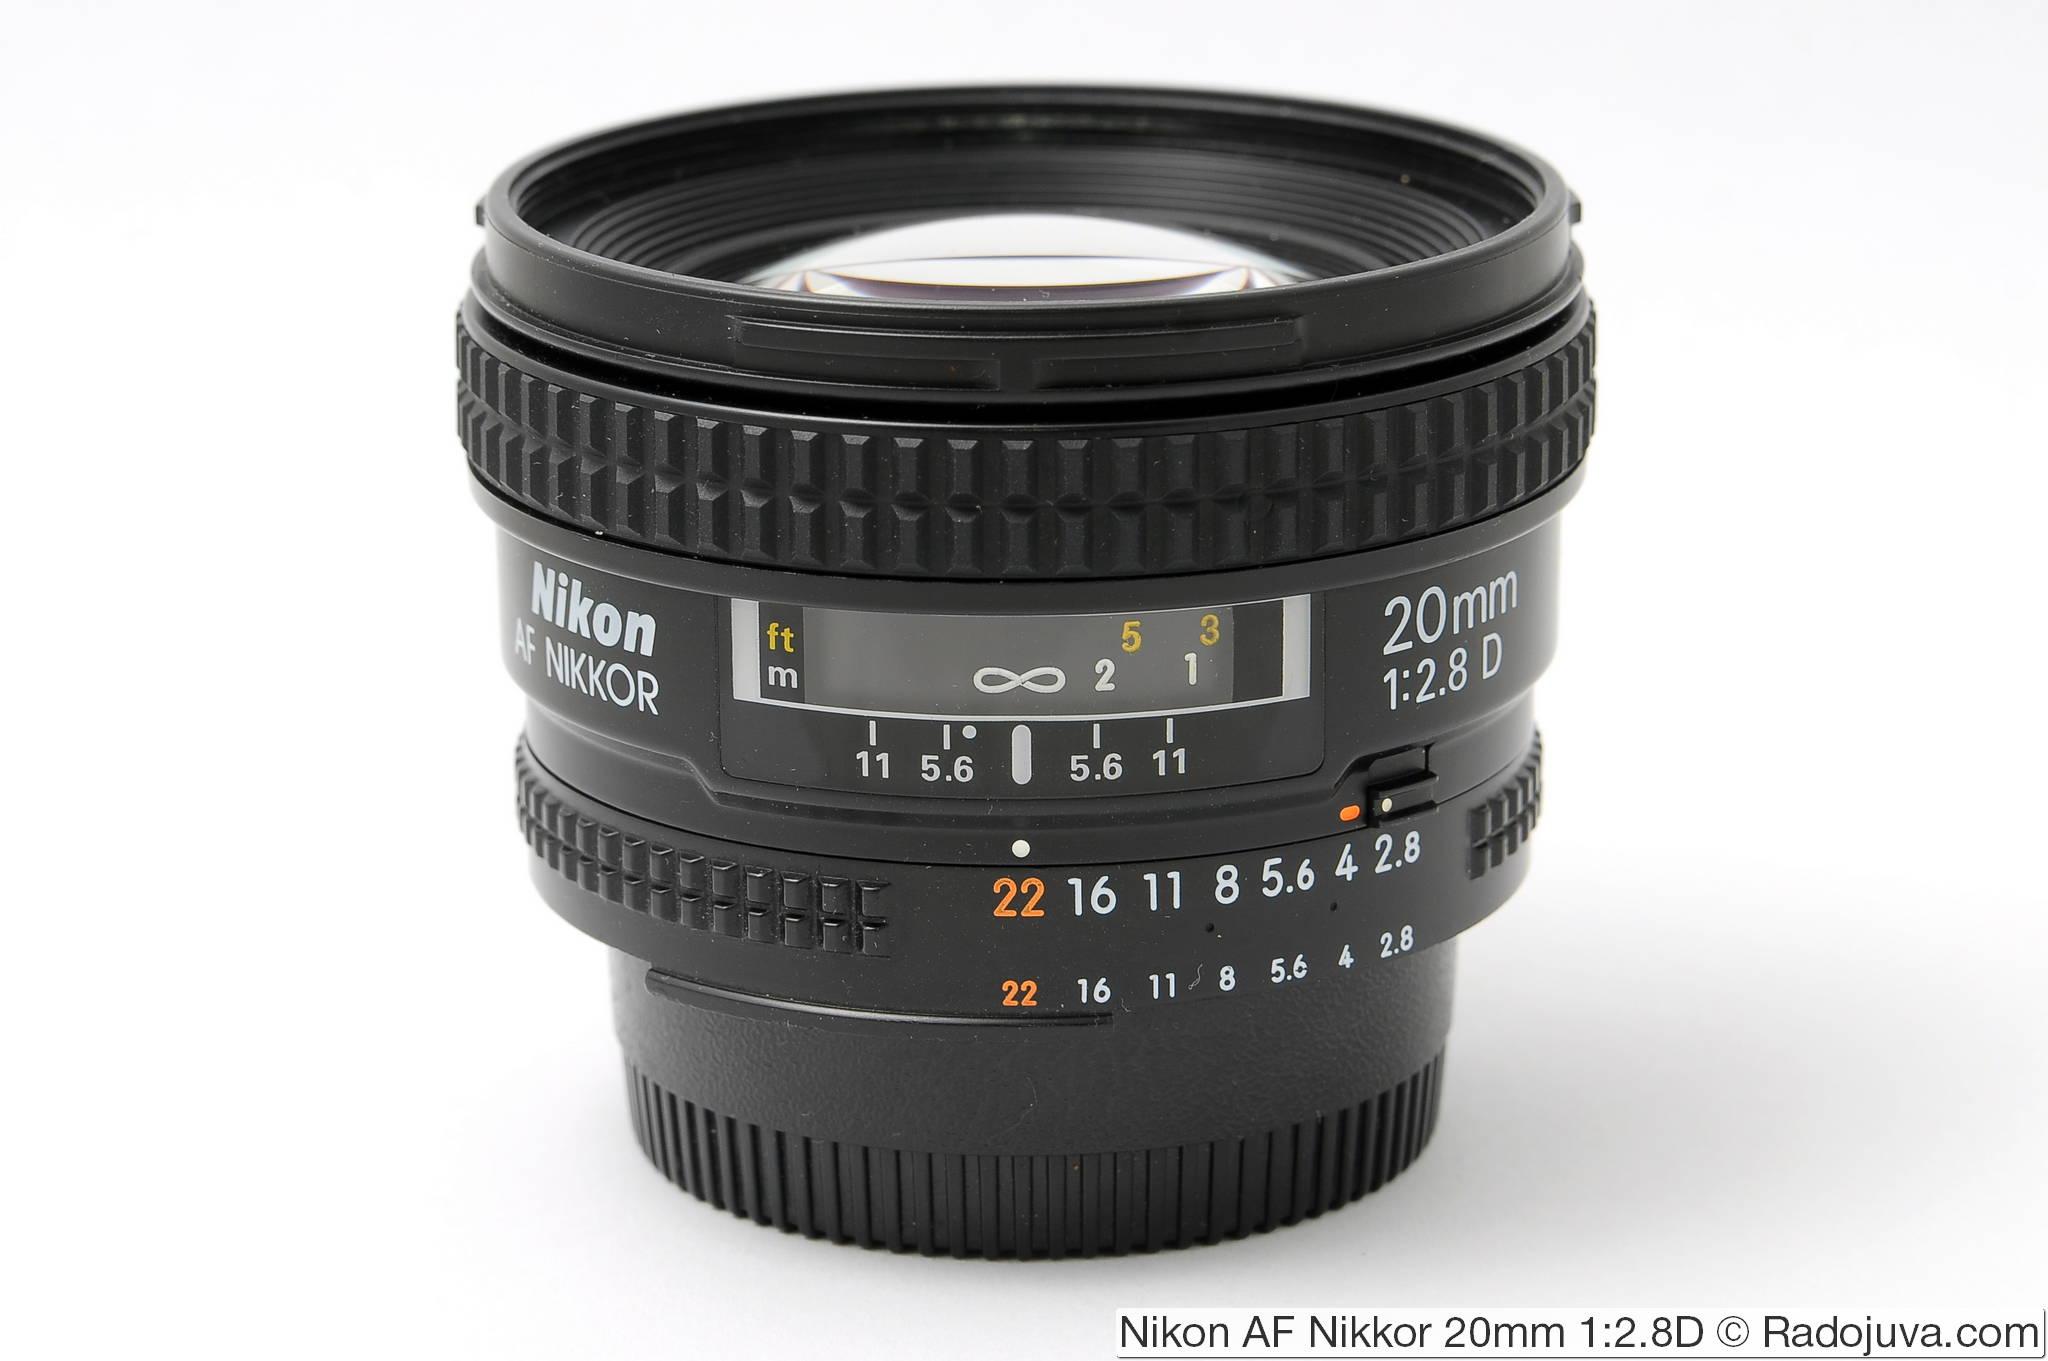 Nikon AF Nikkor 20mm 1: 2.8D